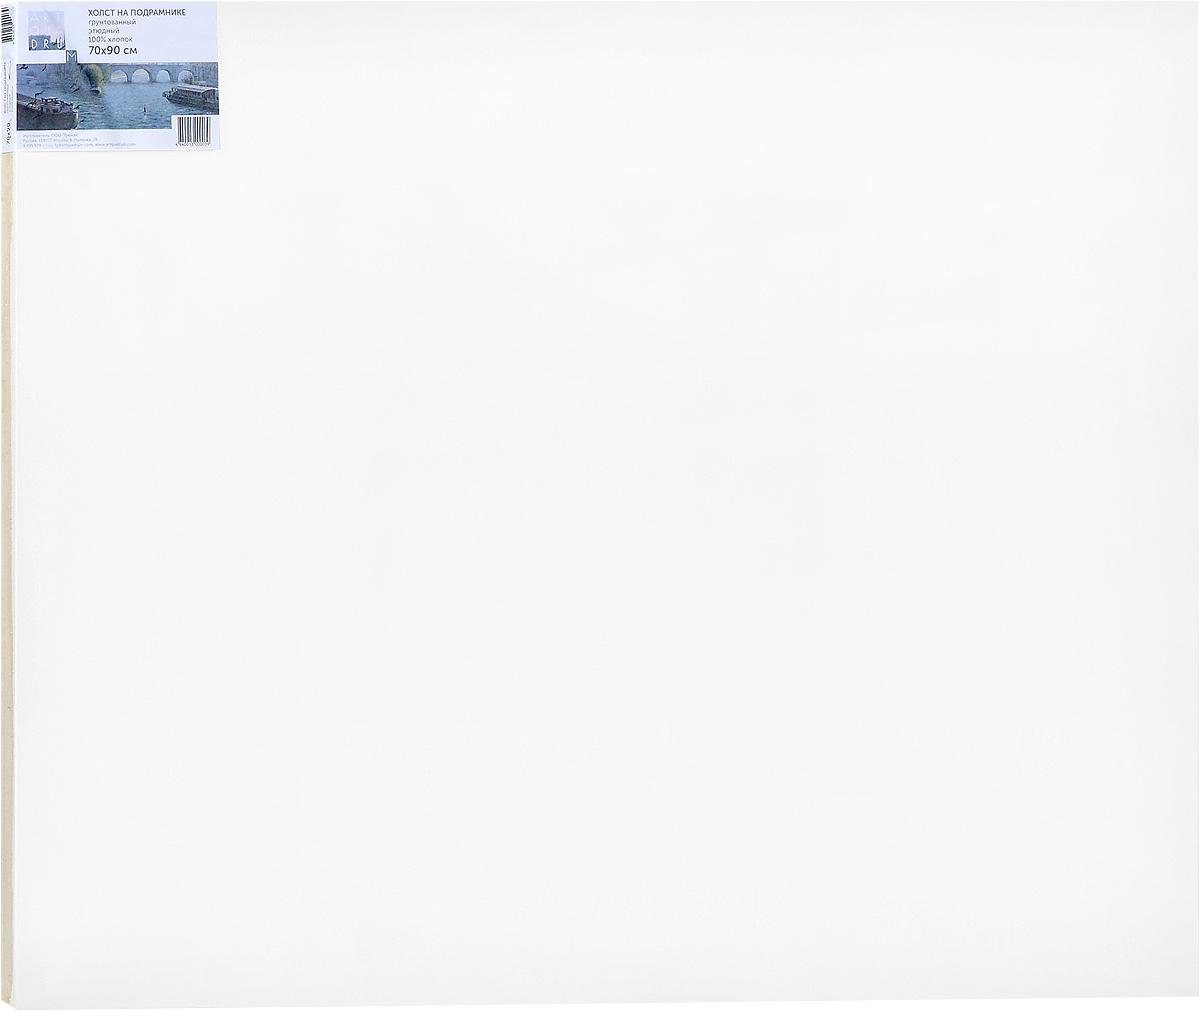 Холст ArtQuaDram Этюдный на подрамнике, грунтованный, 70 х 90 смТ0015362Холст на деревянном подрамнике ArtQuaDram Этюдный изготовлен из 100% натурального хлопка. Подходит для профессионалов и художников. Холст не трескается, не впитывает слишком много краски, цвет краски и качество не изменяются. Холст идеально подходит для масляной и акриловой живописи.